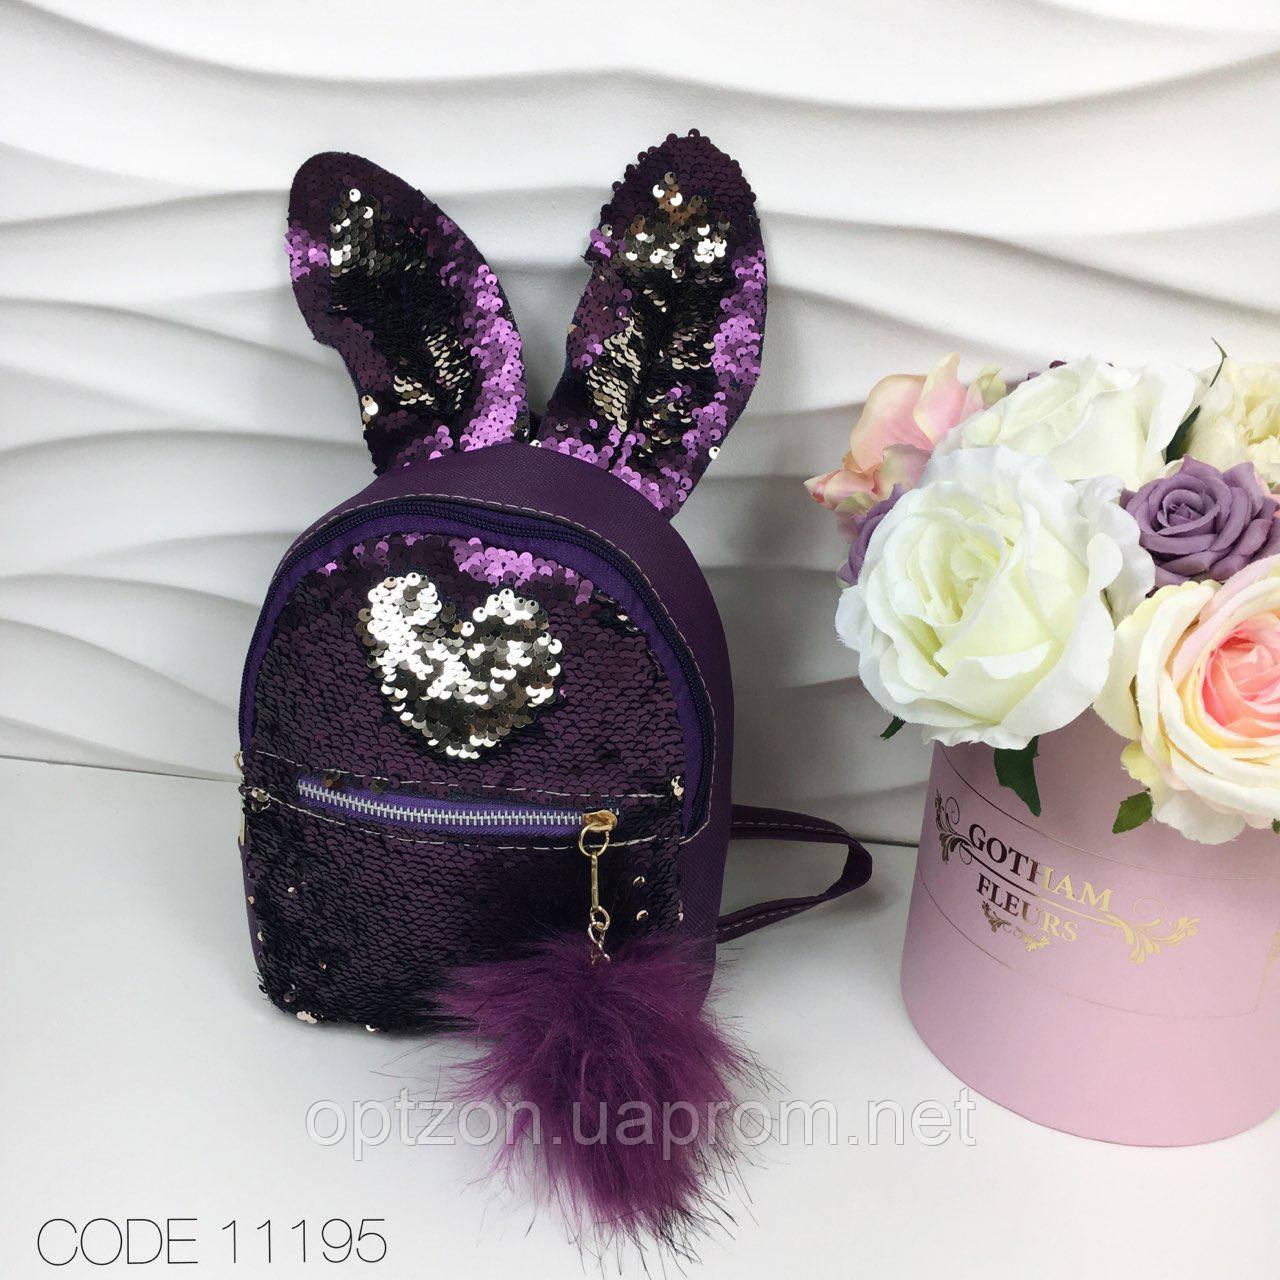 5ae803b8e0d1 Рюкзак с пайетками. Ушки. Зайка. Двусторонние пайетки. Дропшиппинг. Опт.  Склад. : продажа, цена в Одессе. сумки и рюкзаки детские от